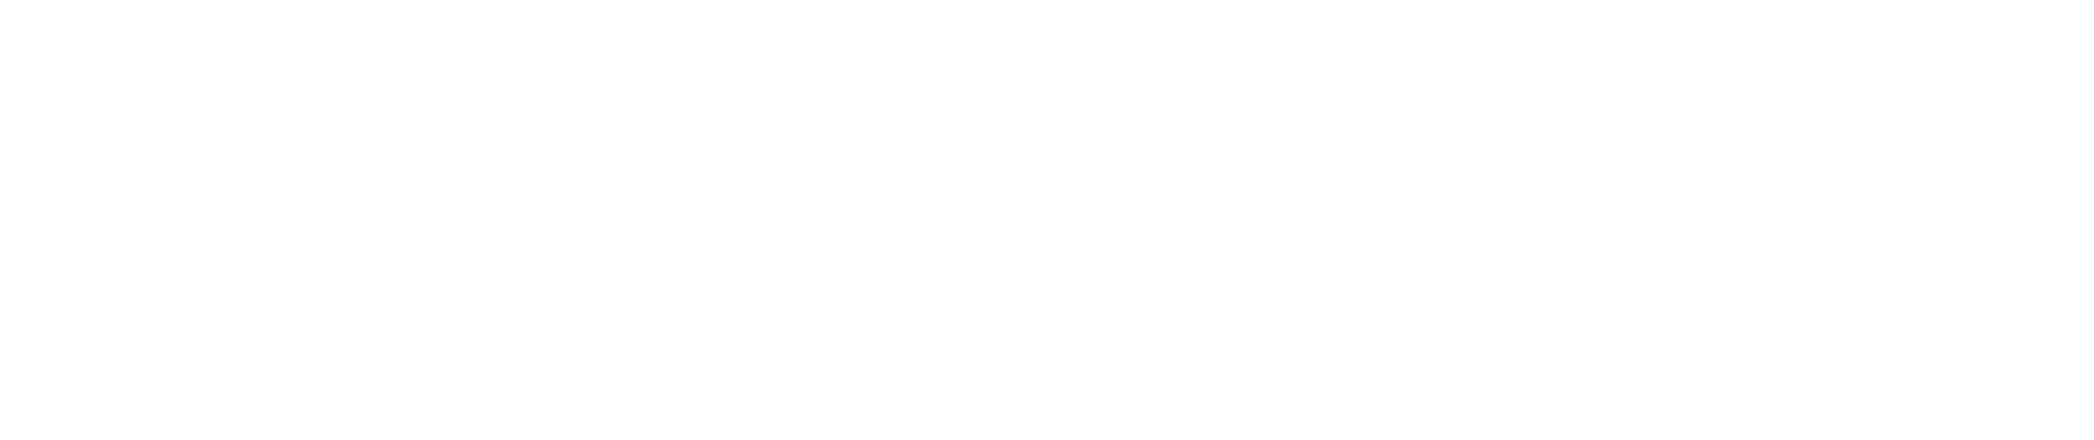 Black River Silver